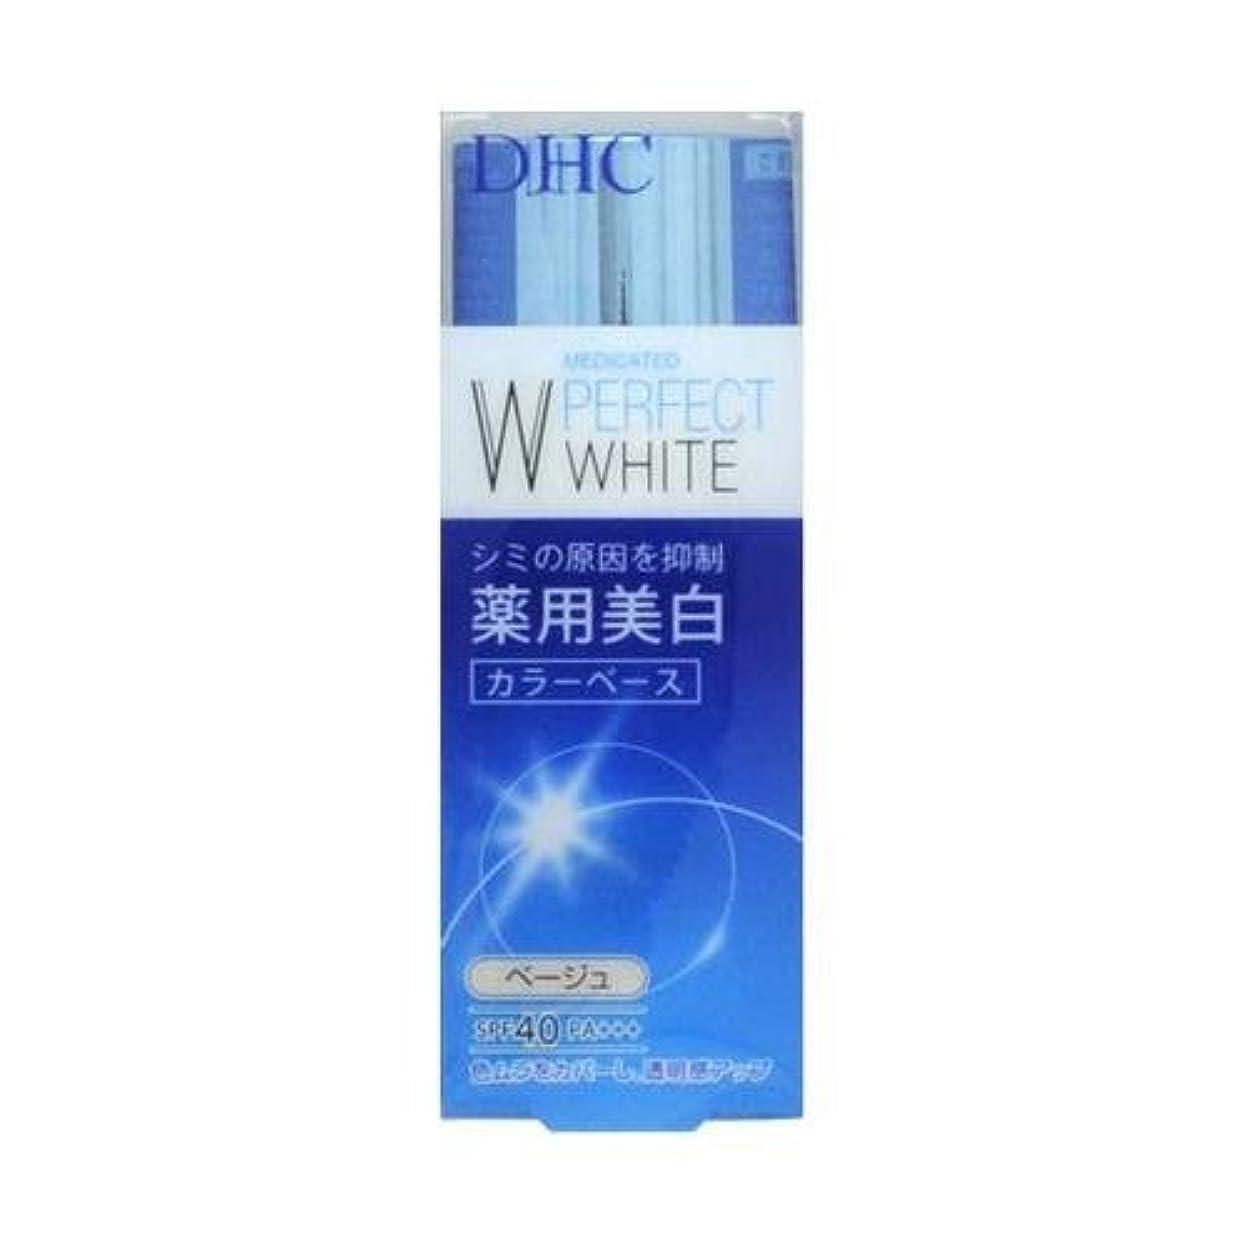 応答リビジョンヘビーDHC 薬用パーフェクトホワイト カラーベース アプリコット 30g(医薬部外品)